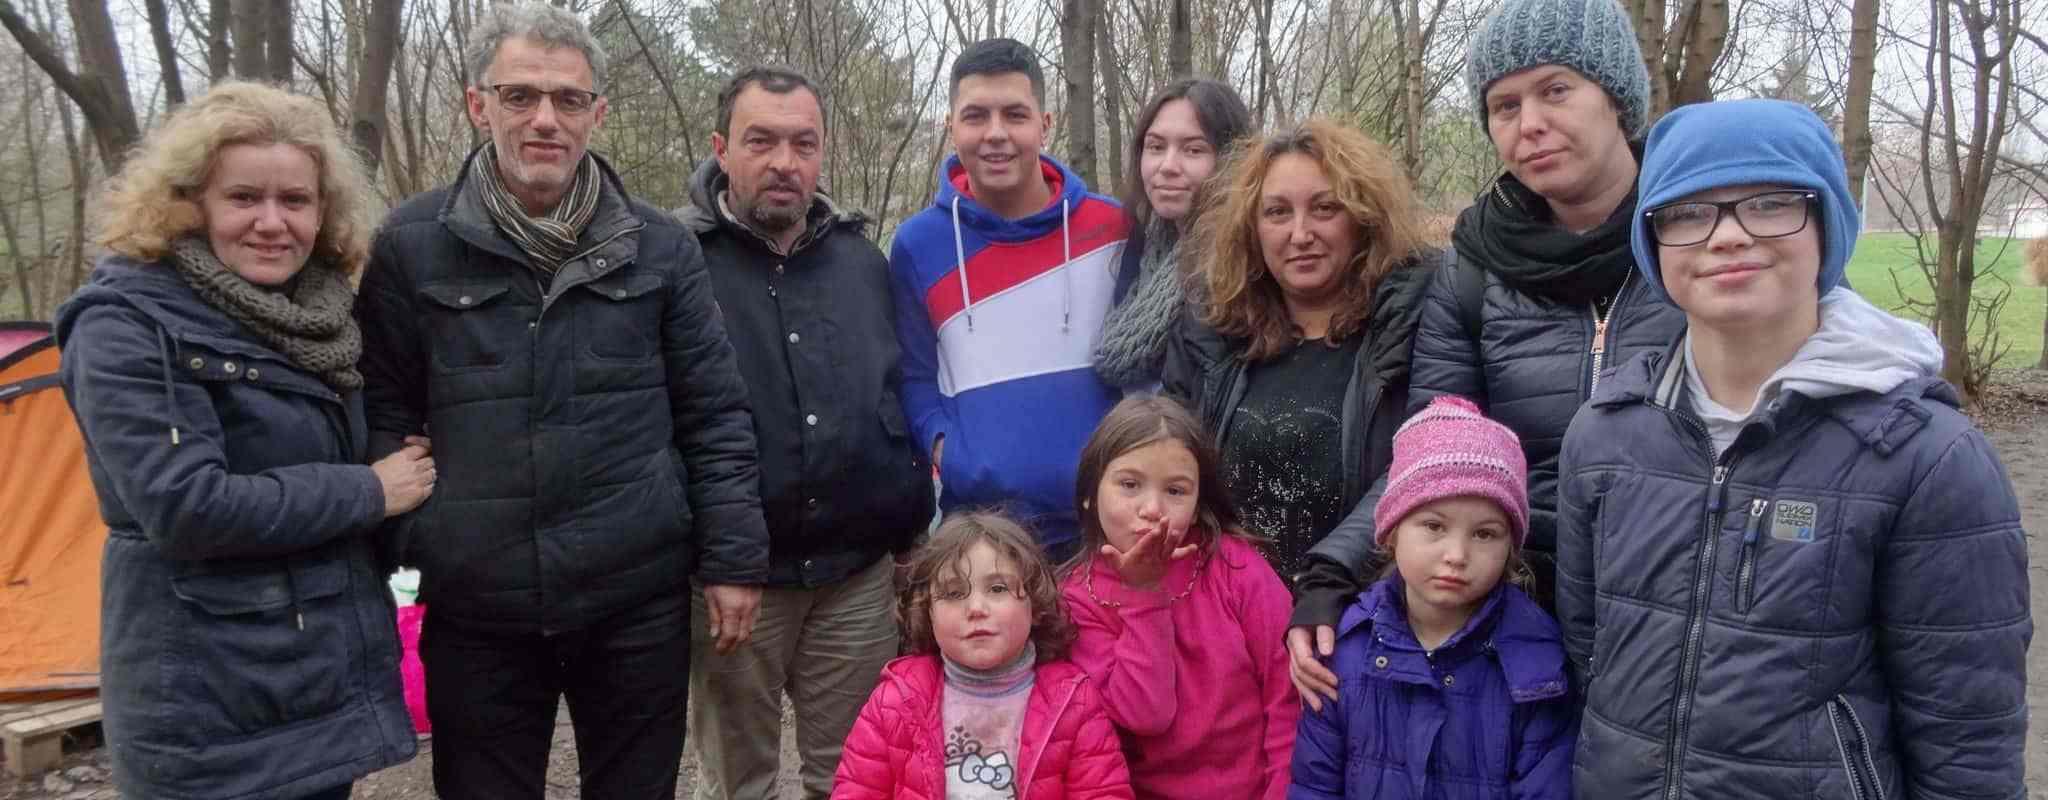 Migrants au parc de la Bergerie: des mises à l'abri ordonnées, d'autres laissés dehors